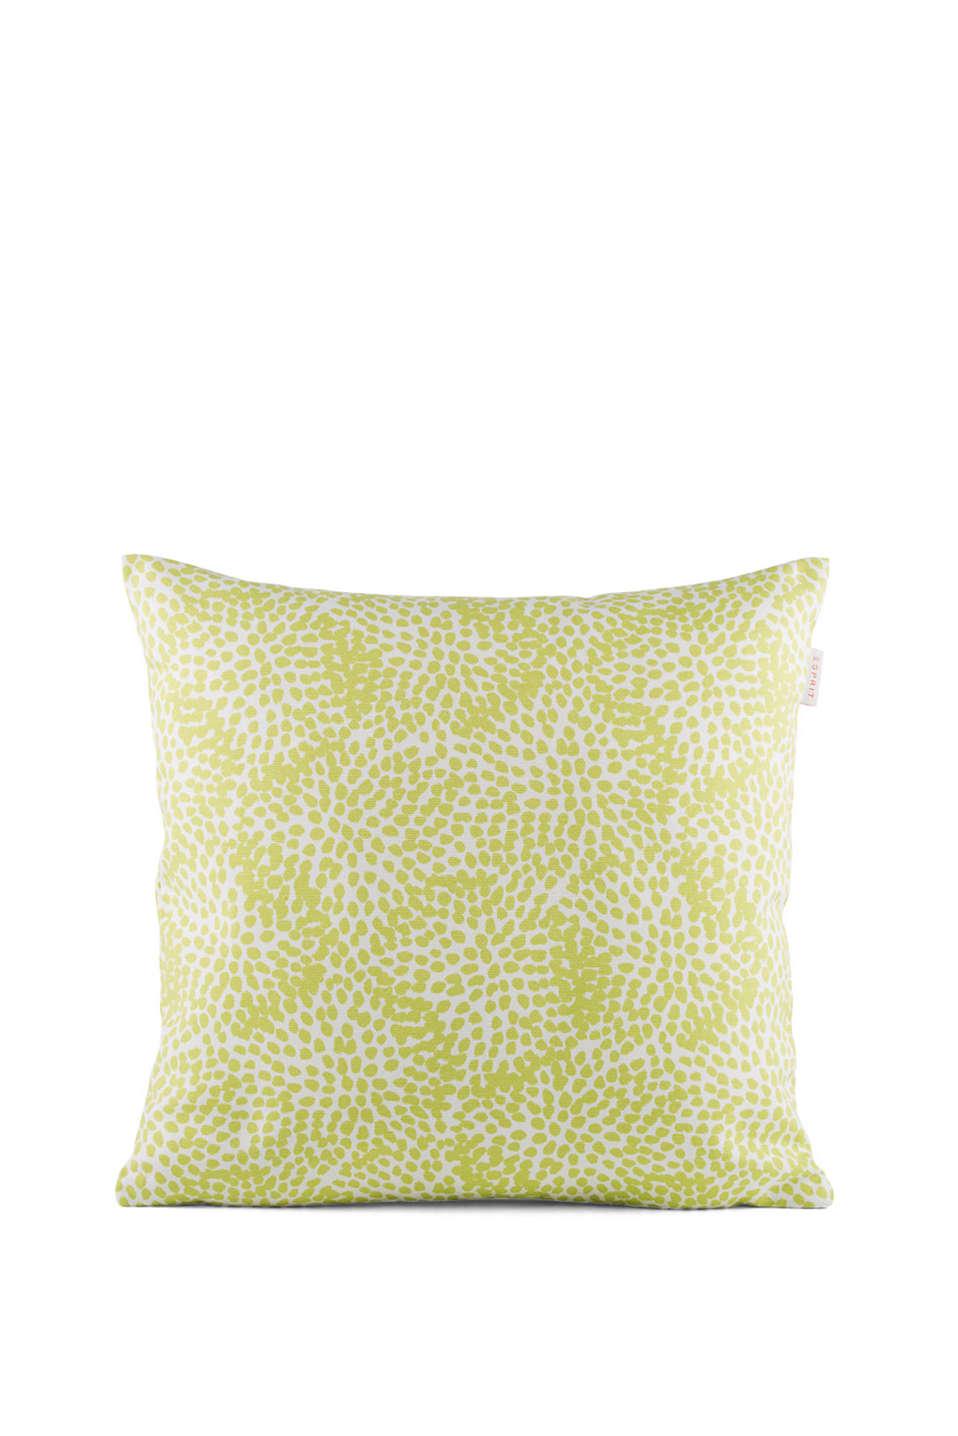 esprit housse de coussin imprim num rique acheter sur la boutique en ligne. Black Bedroom Furniture Sets. Home Design Ideas